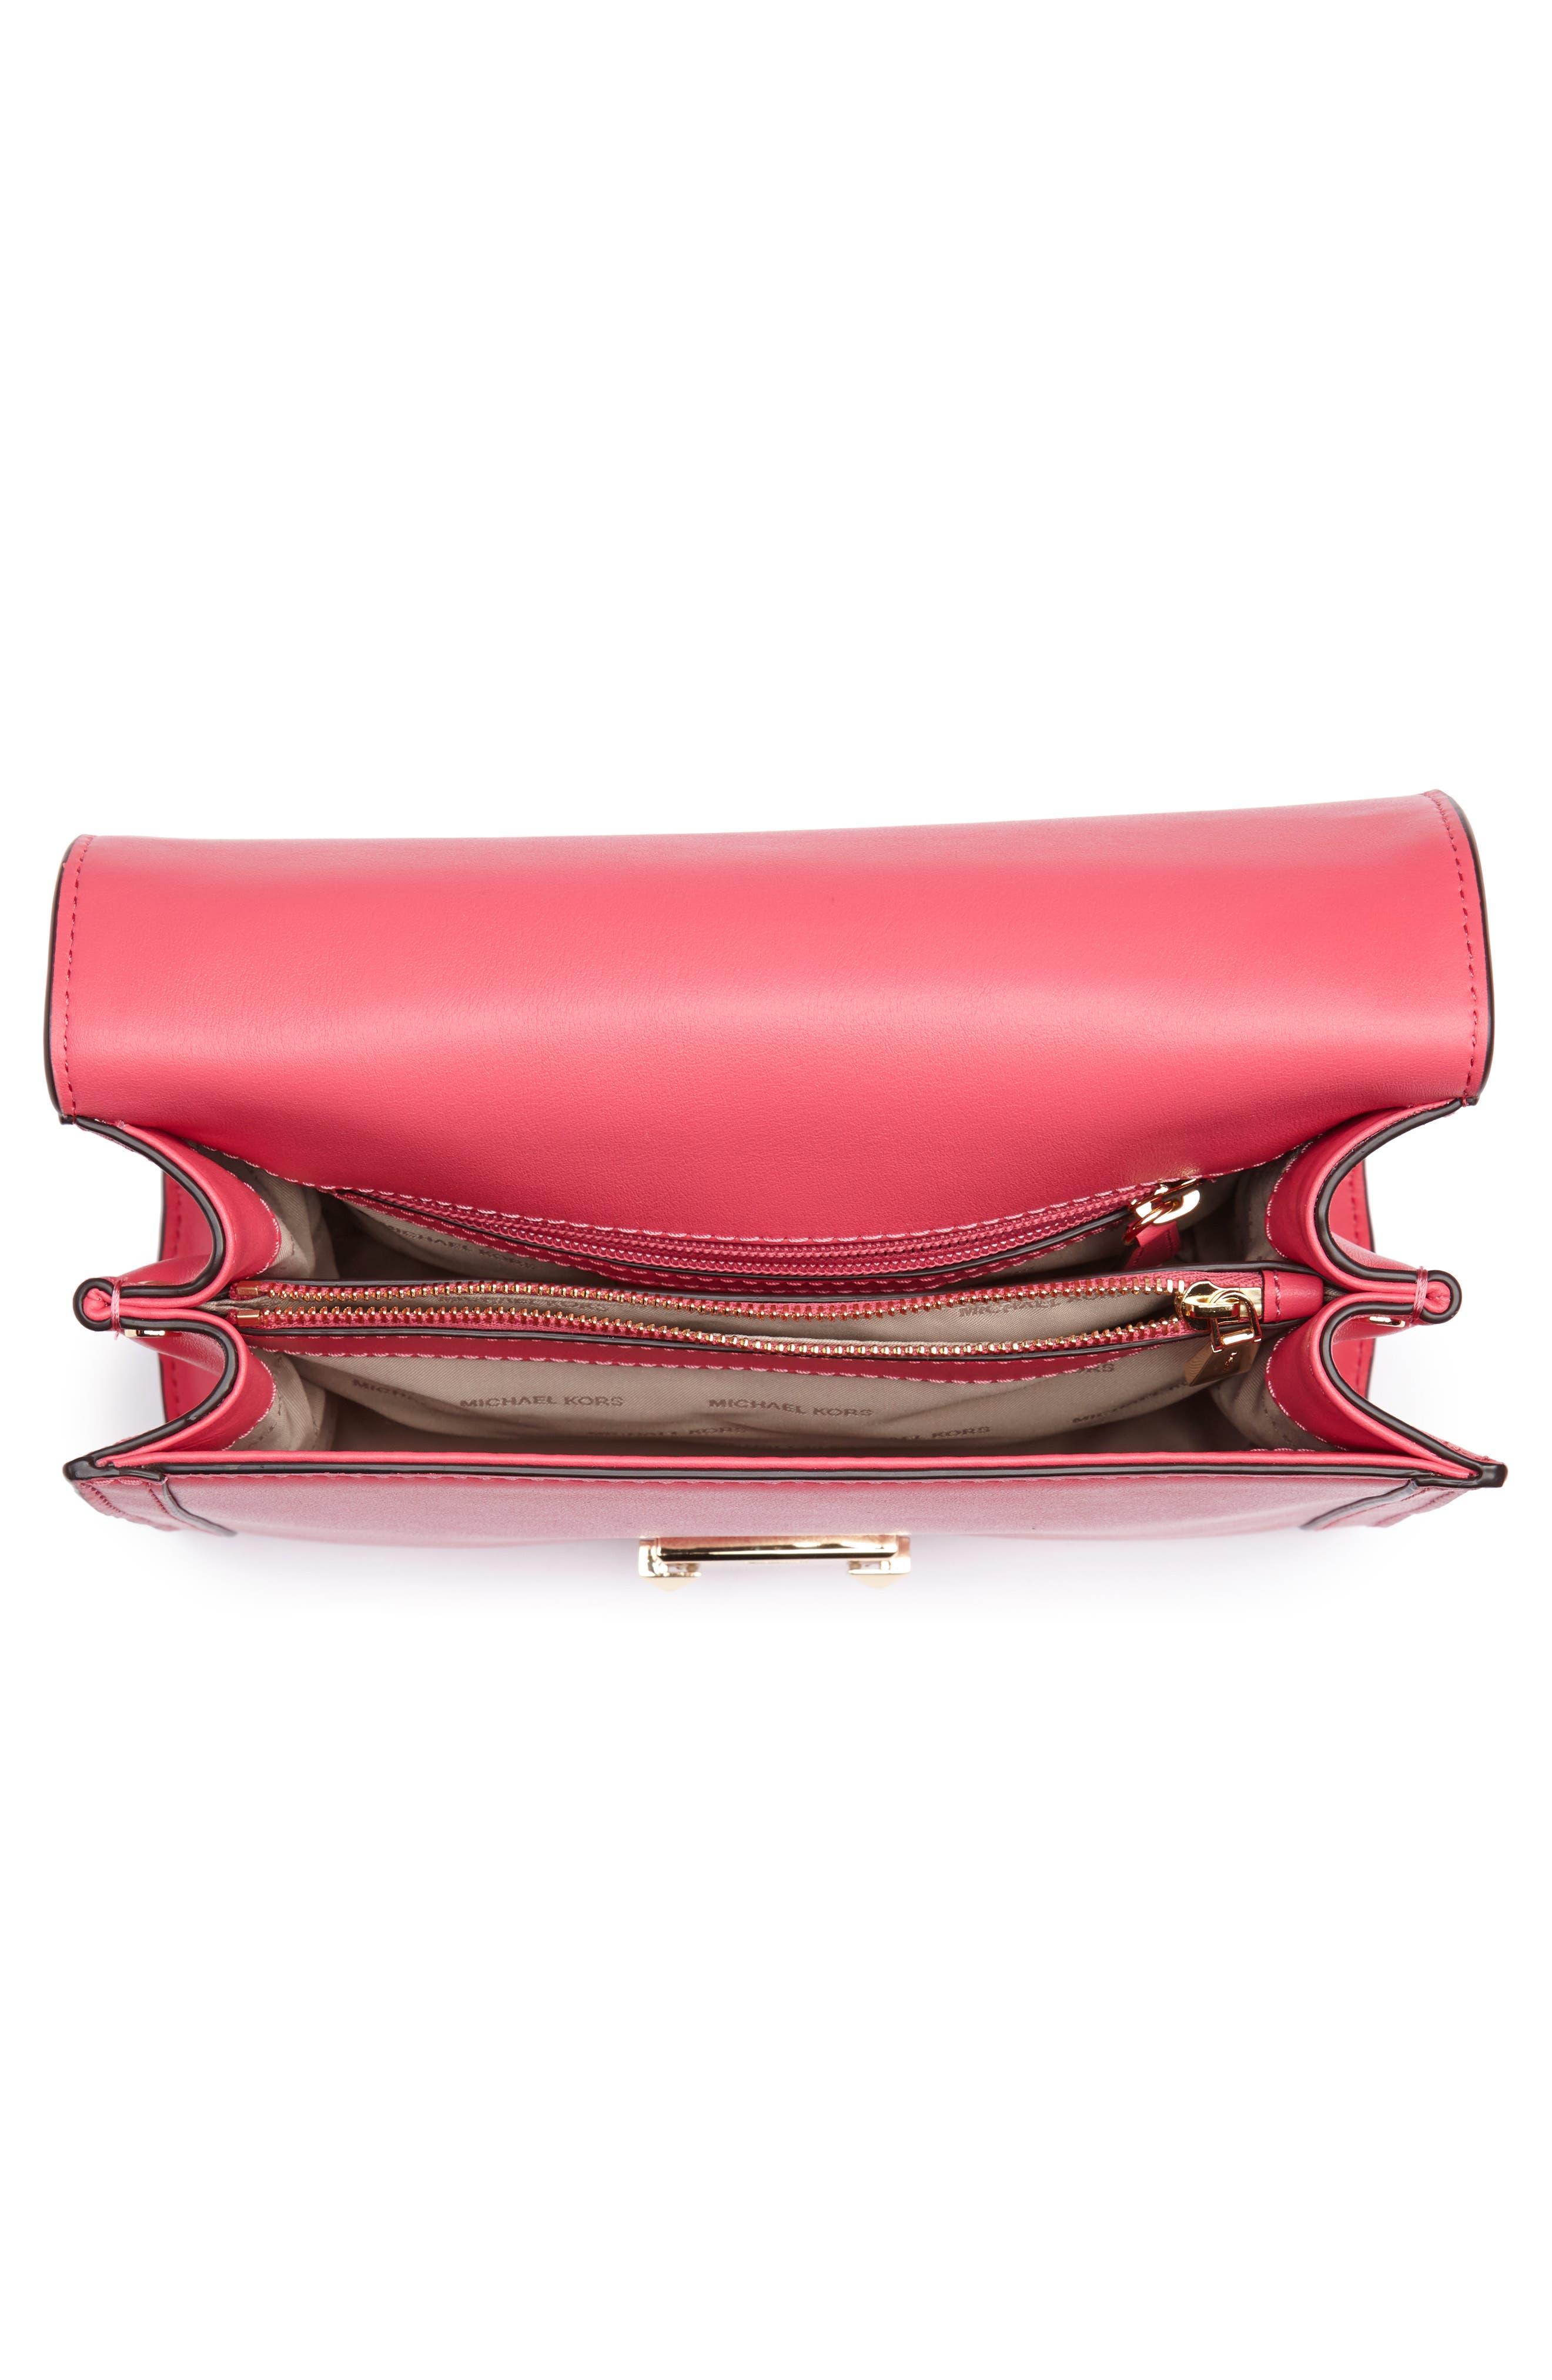 Large Whitney Leather Shoulder Bag,                             Alternate thumbnail 4, color,                             Rose Pink